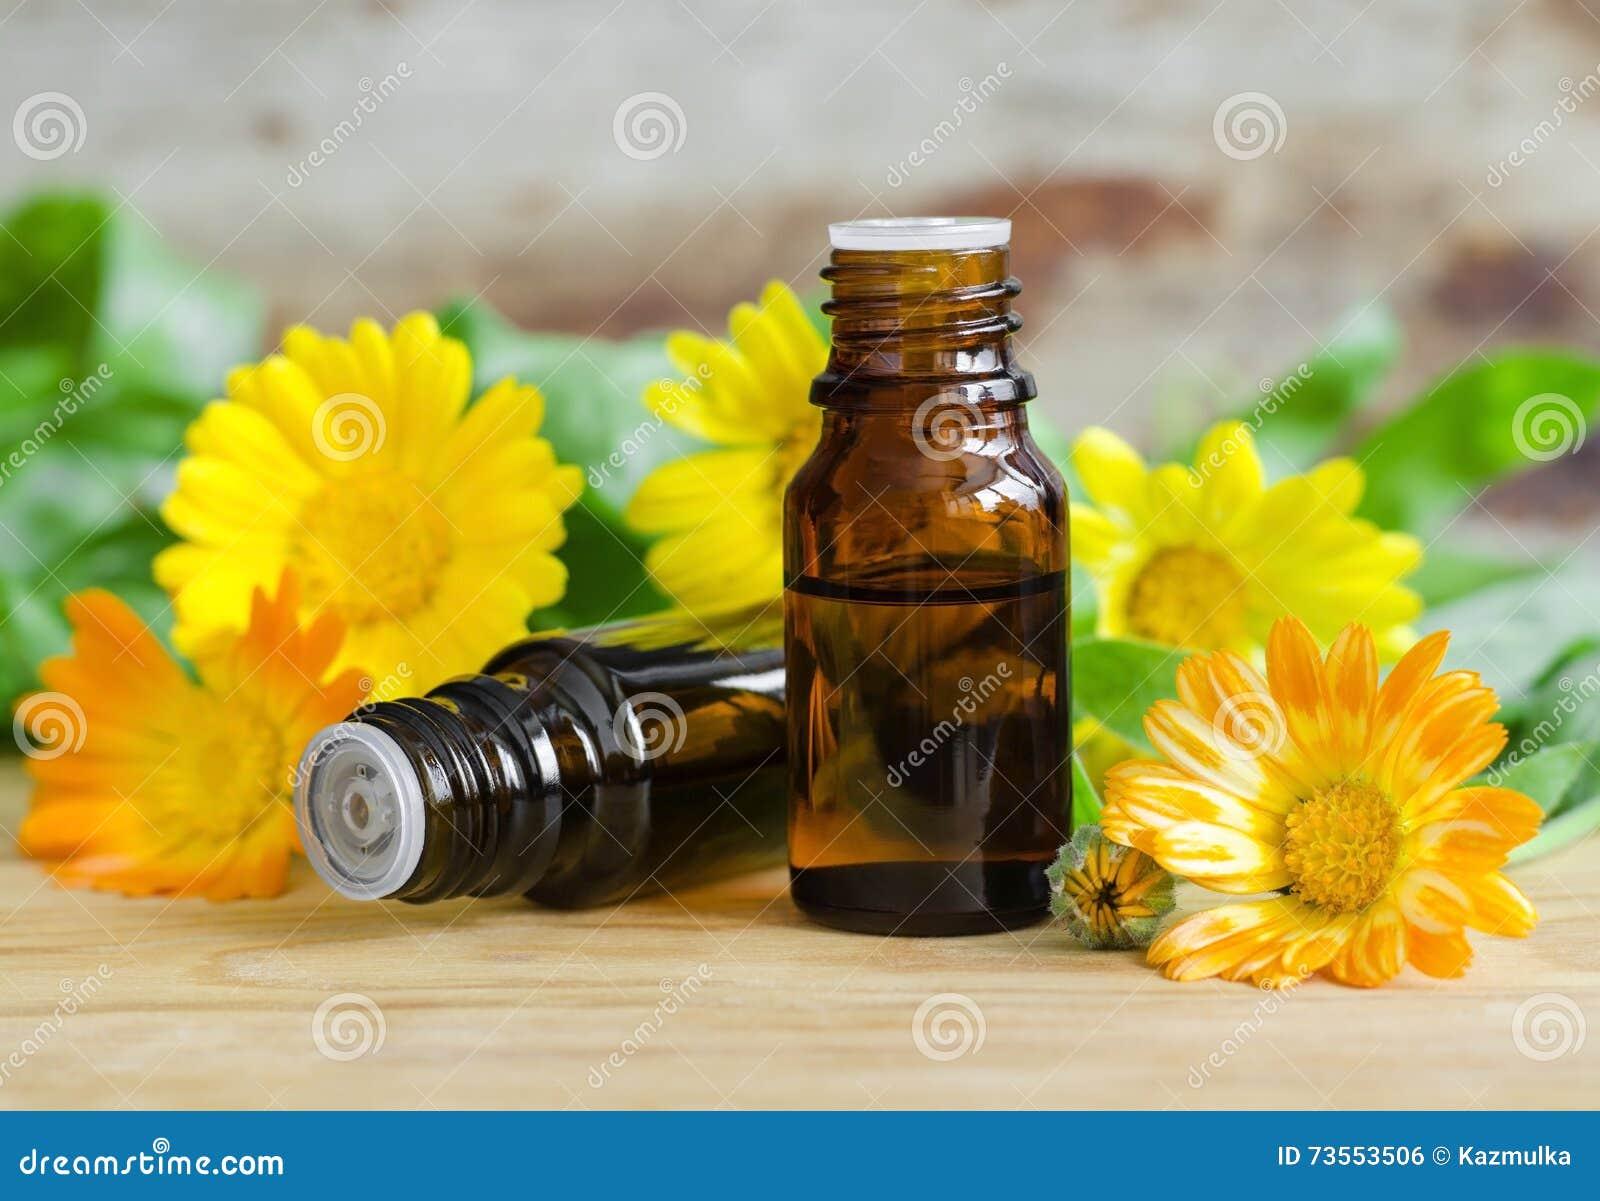 Små flaskor av calendulaolja (extrakt, tinktur, avkoken)